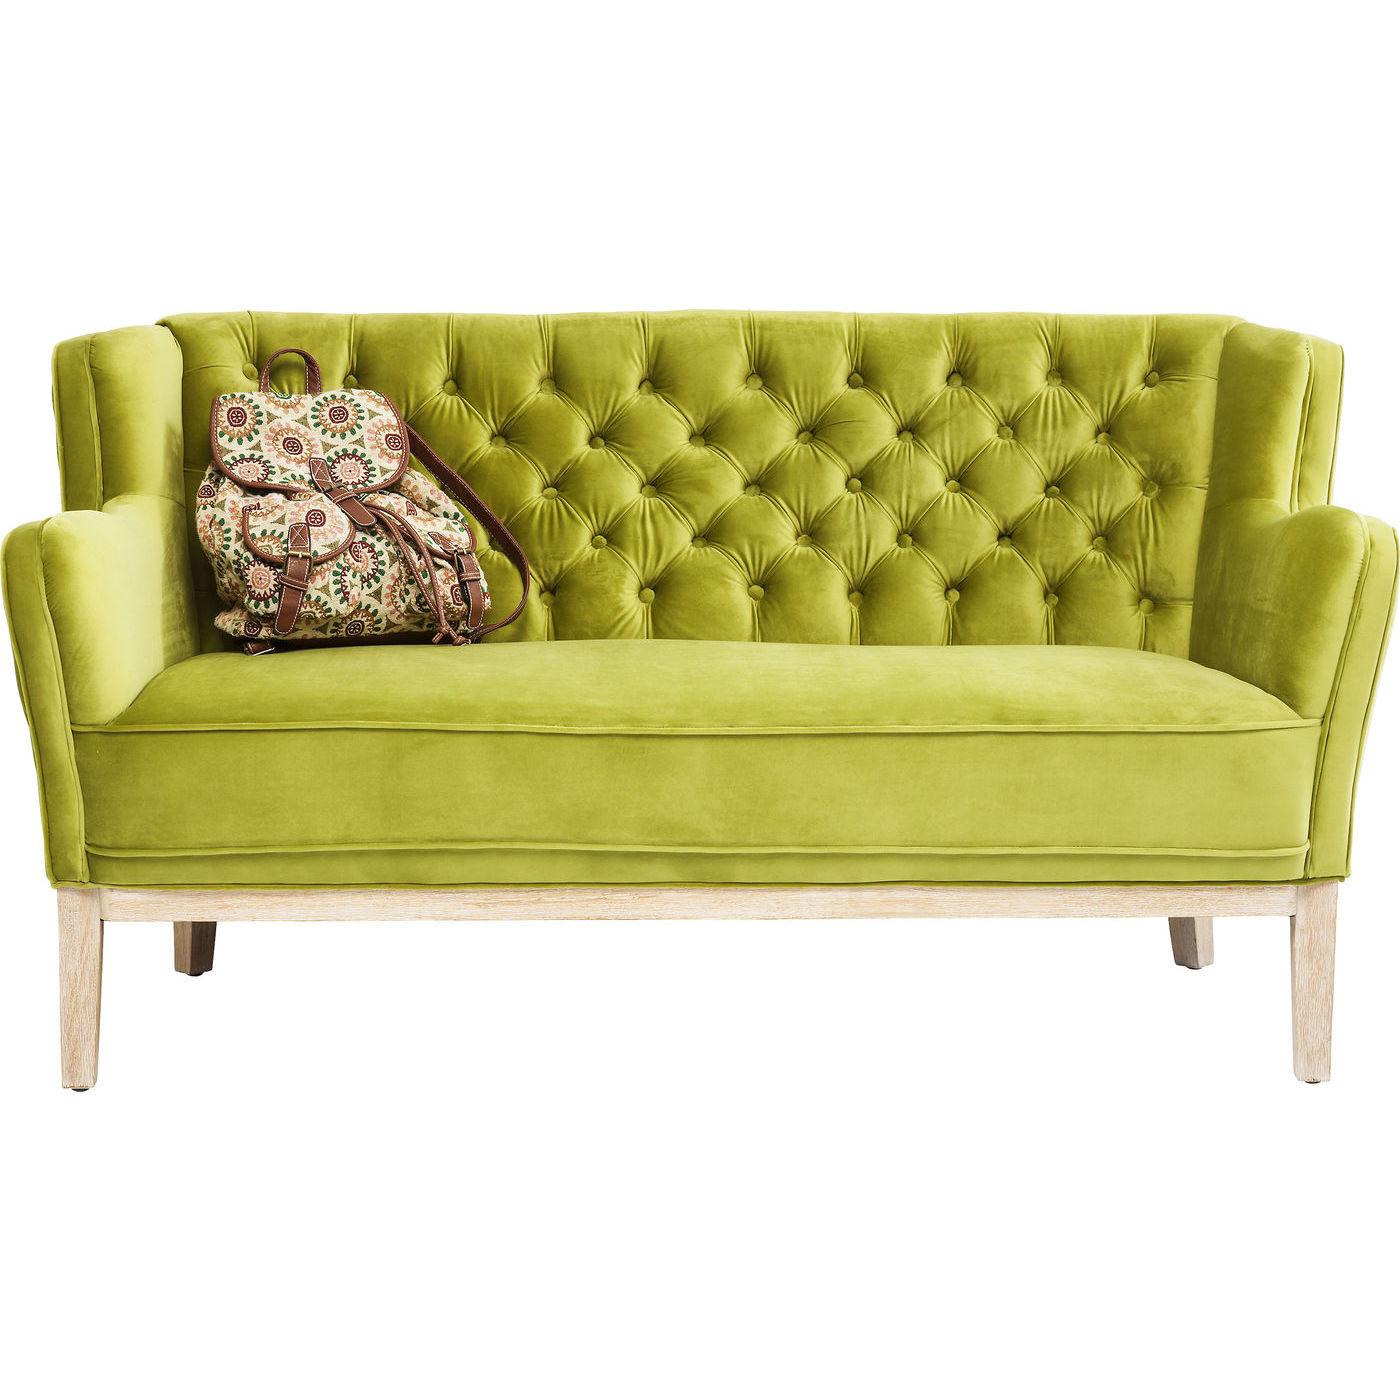 sofa coffee shop 2 pers i speciel gr n farve med knapper. Black Bedroom Furniture Sets. Home Design Ideas